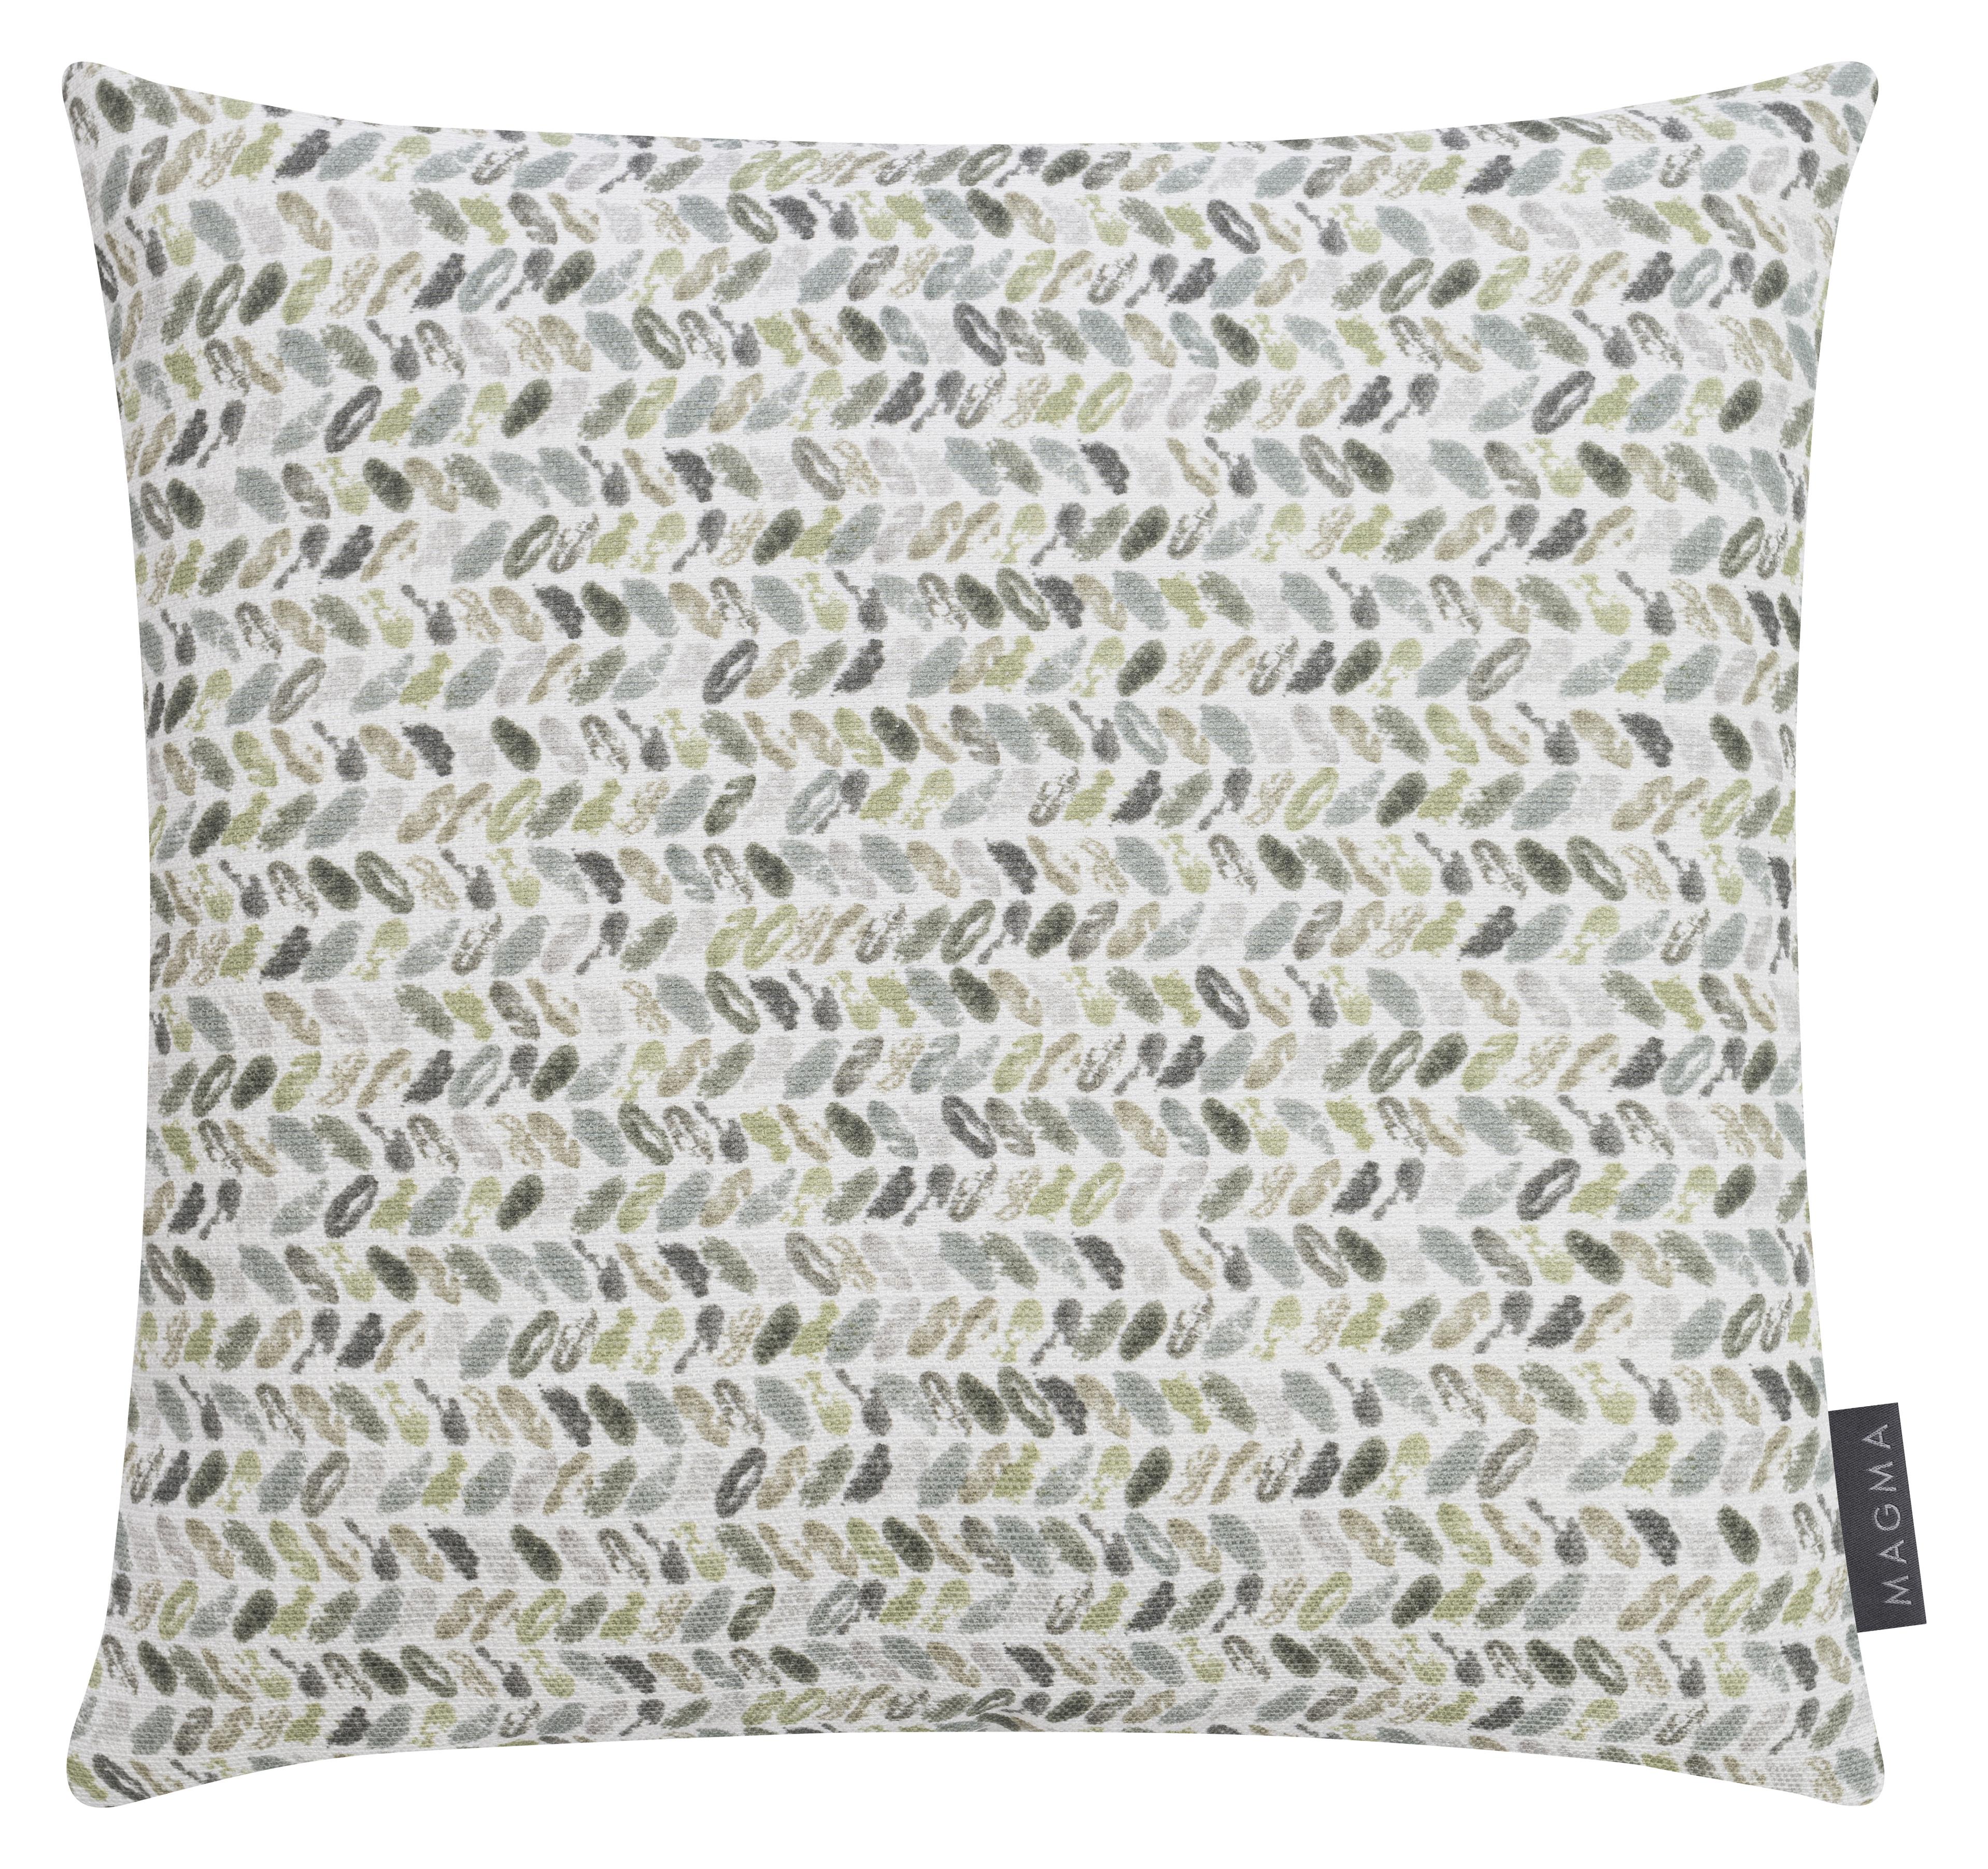 Housses de coussin imprimées motif vert coton 40x40 -Lot de 2